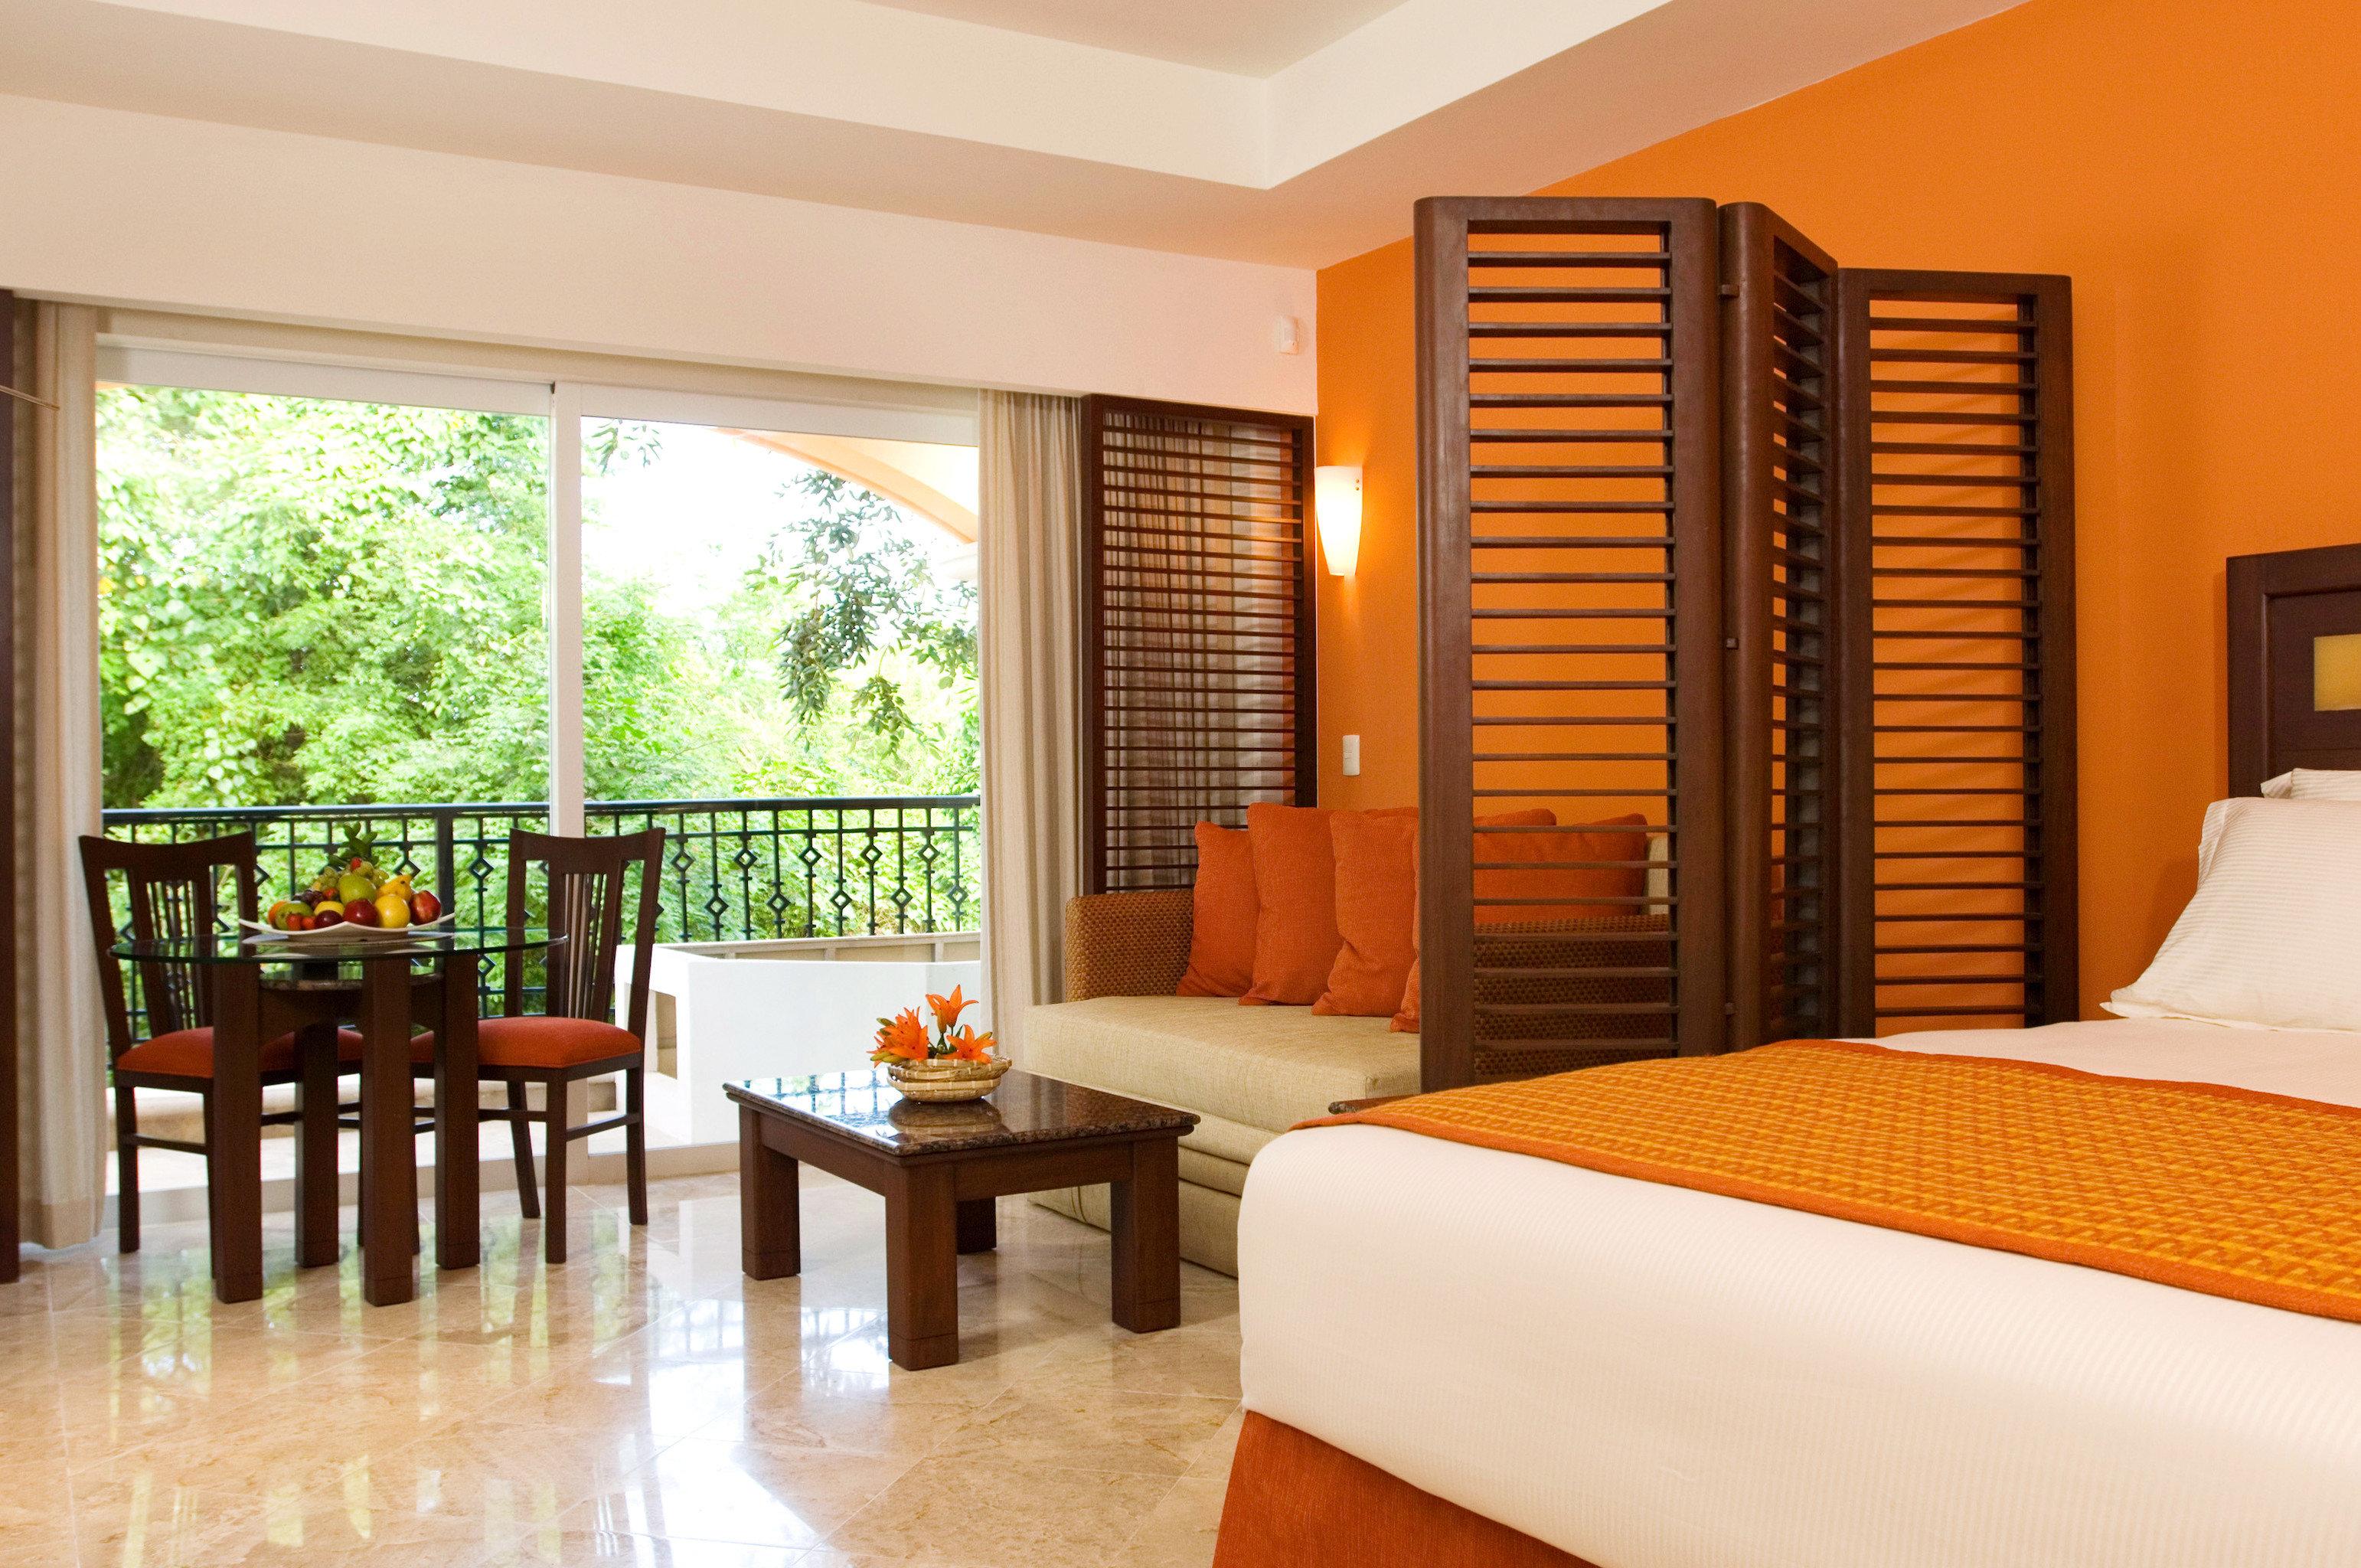 Fotos del hotel hacienda 3 rios 59